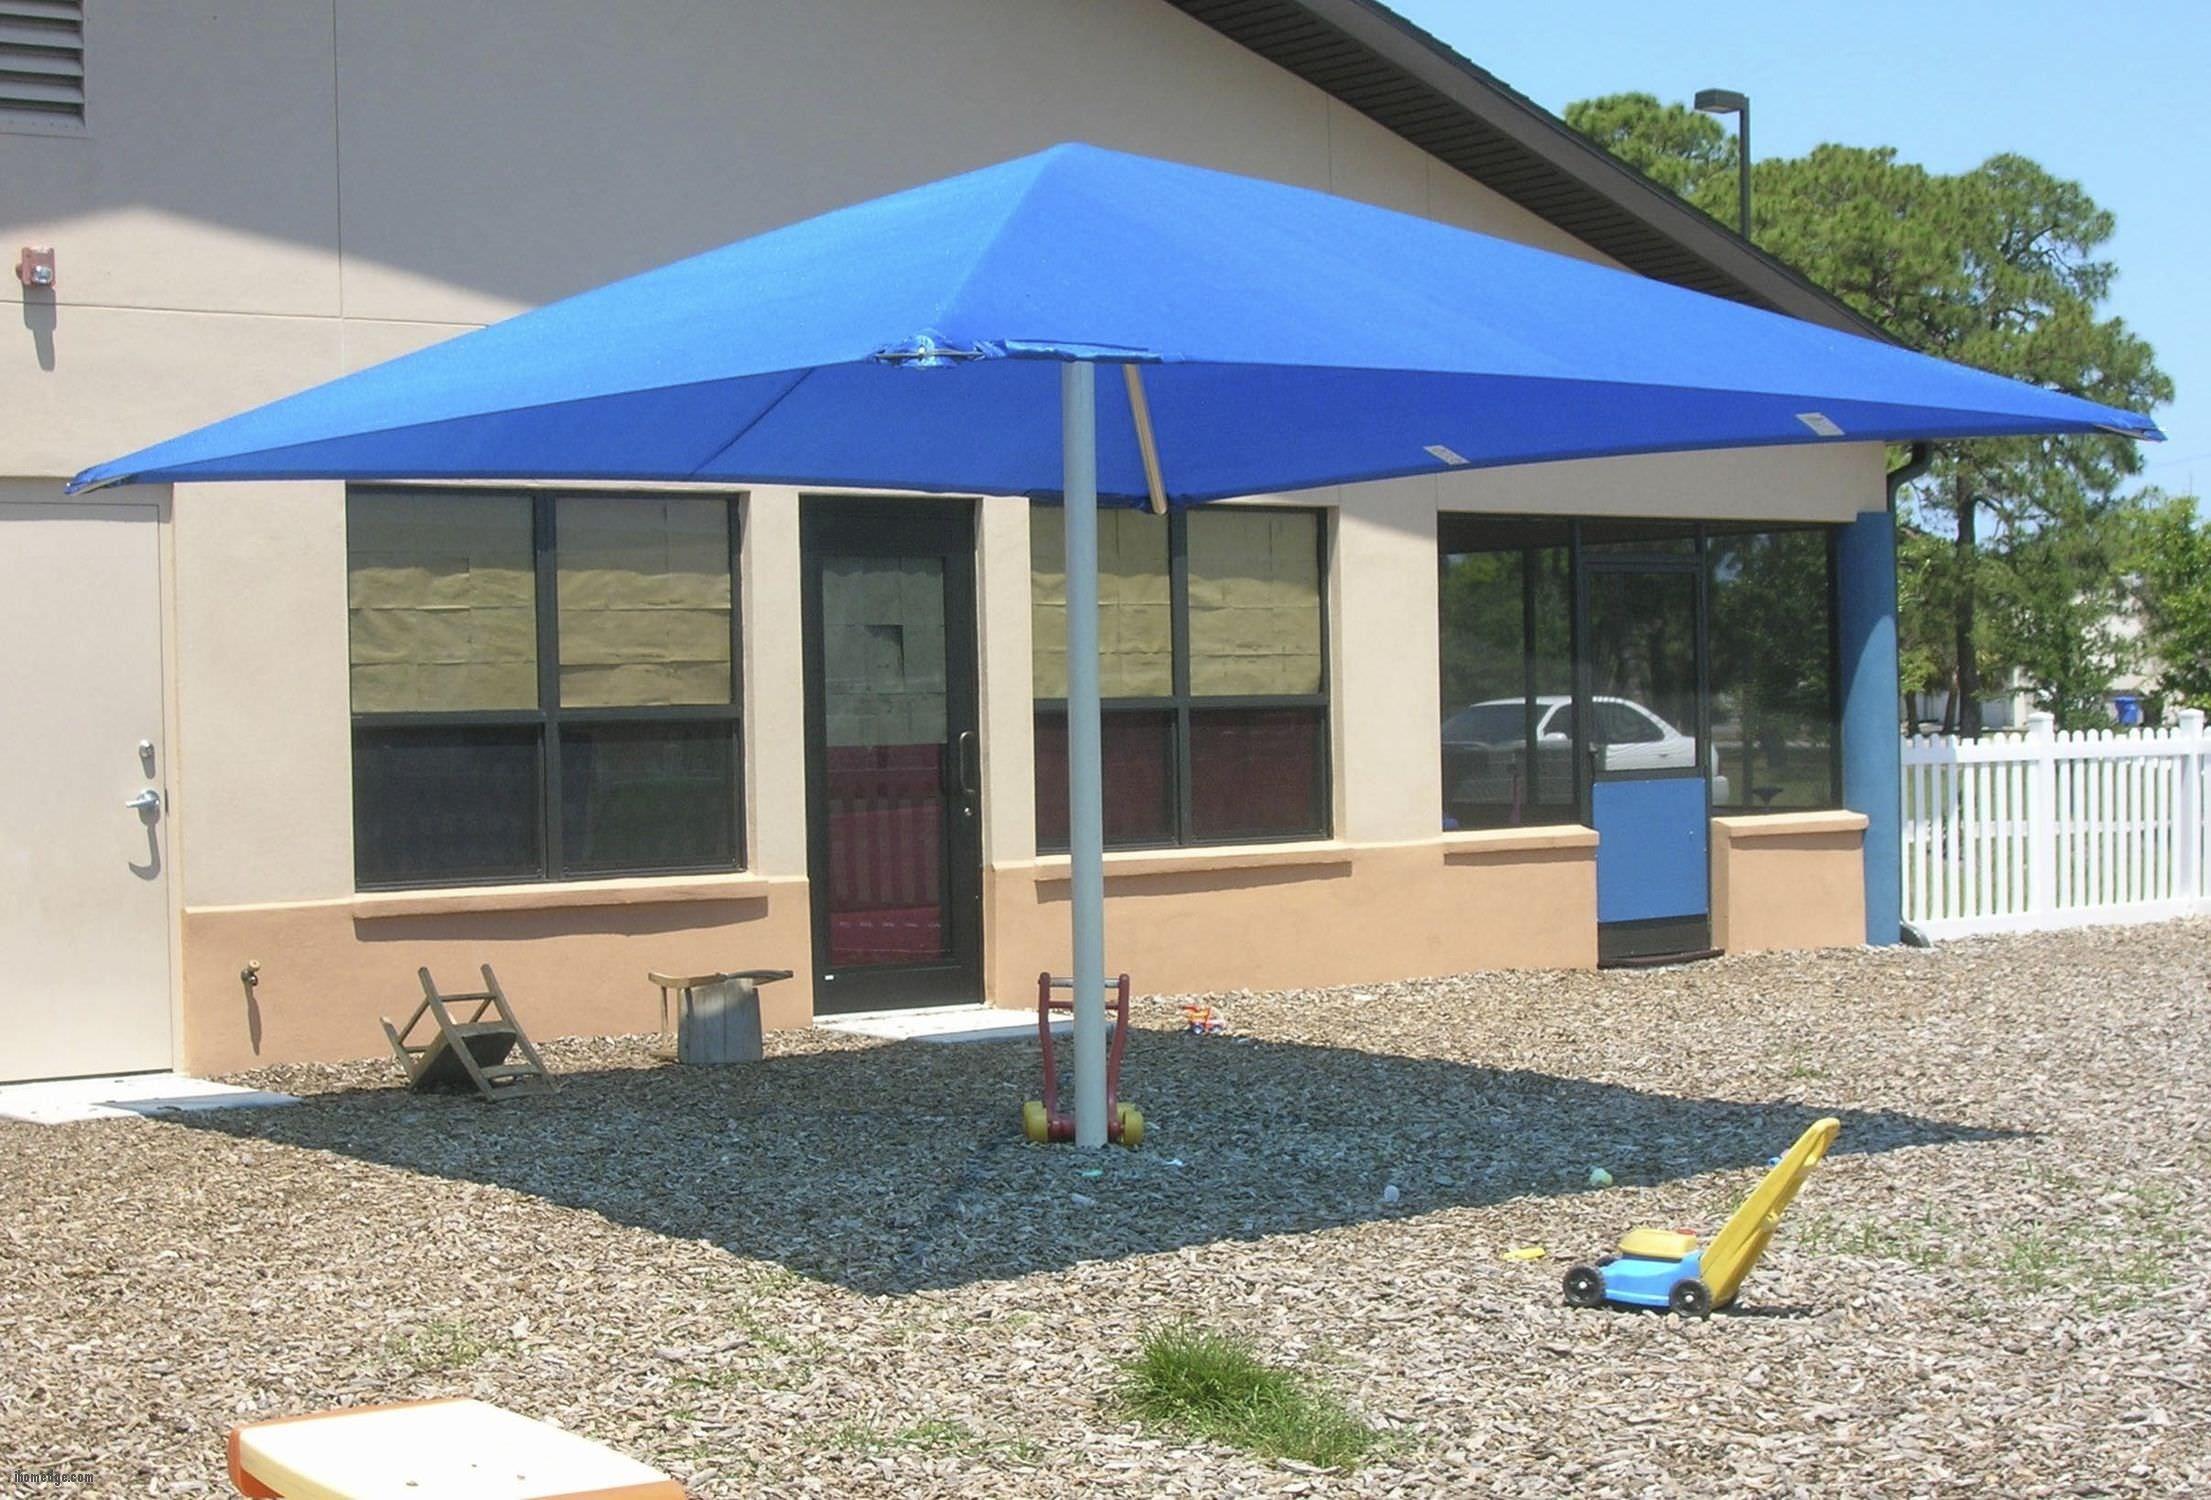 cool Inspirational Patio Umbrellas large blue patio umbrellas